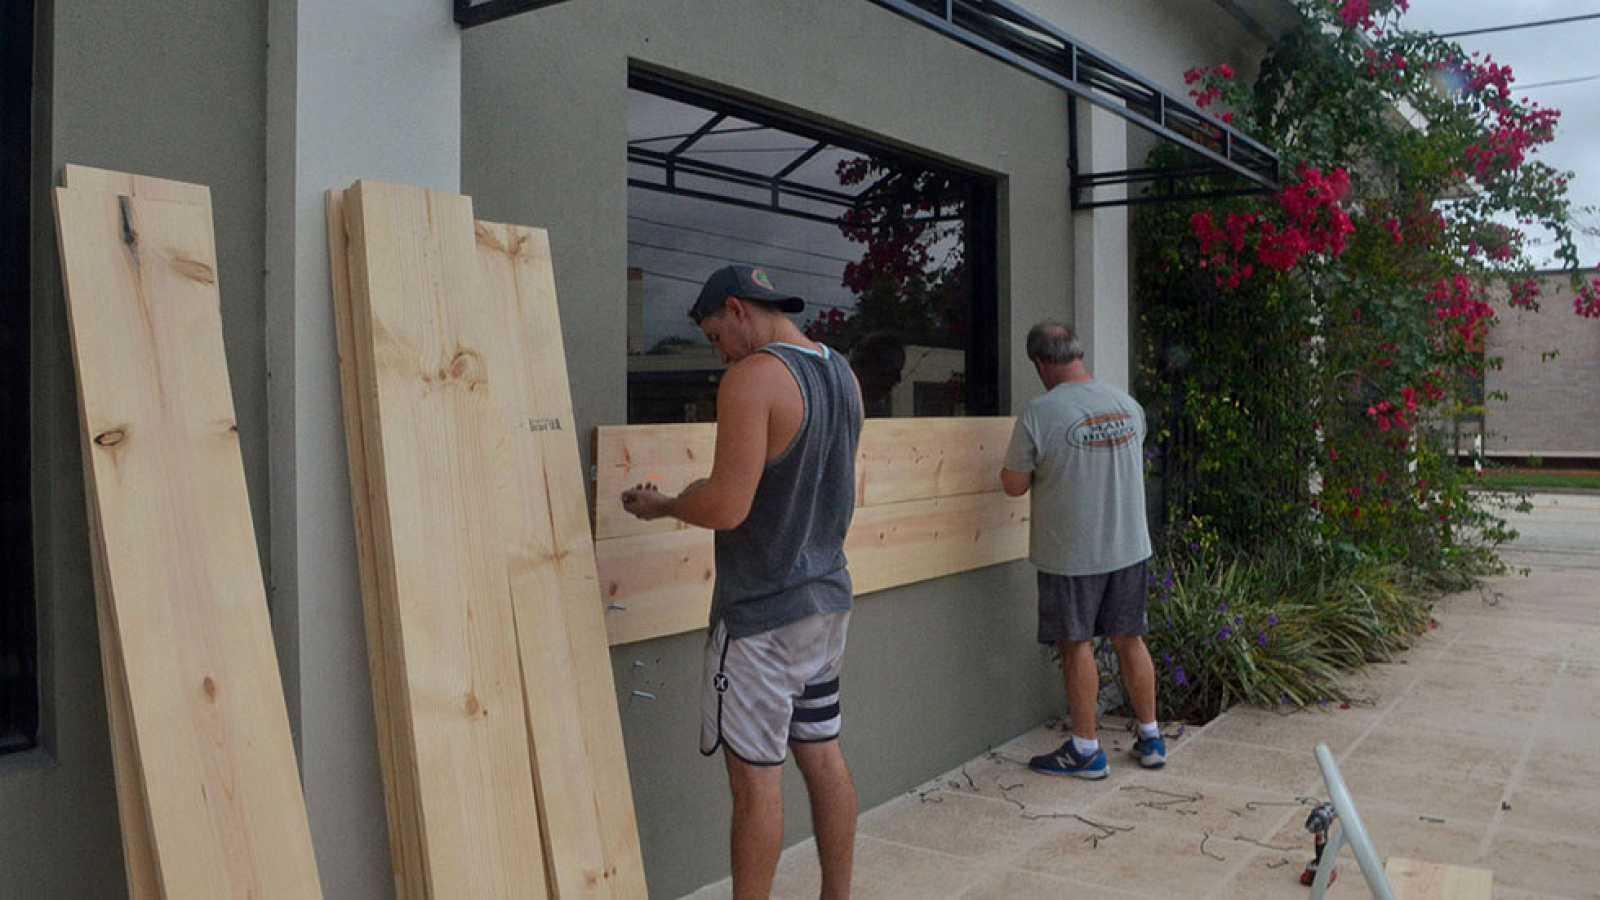 Florida decreta el estado de emergencia ante la llegada del devastador huracán Matthew